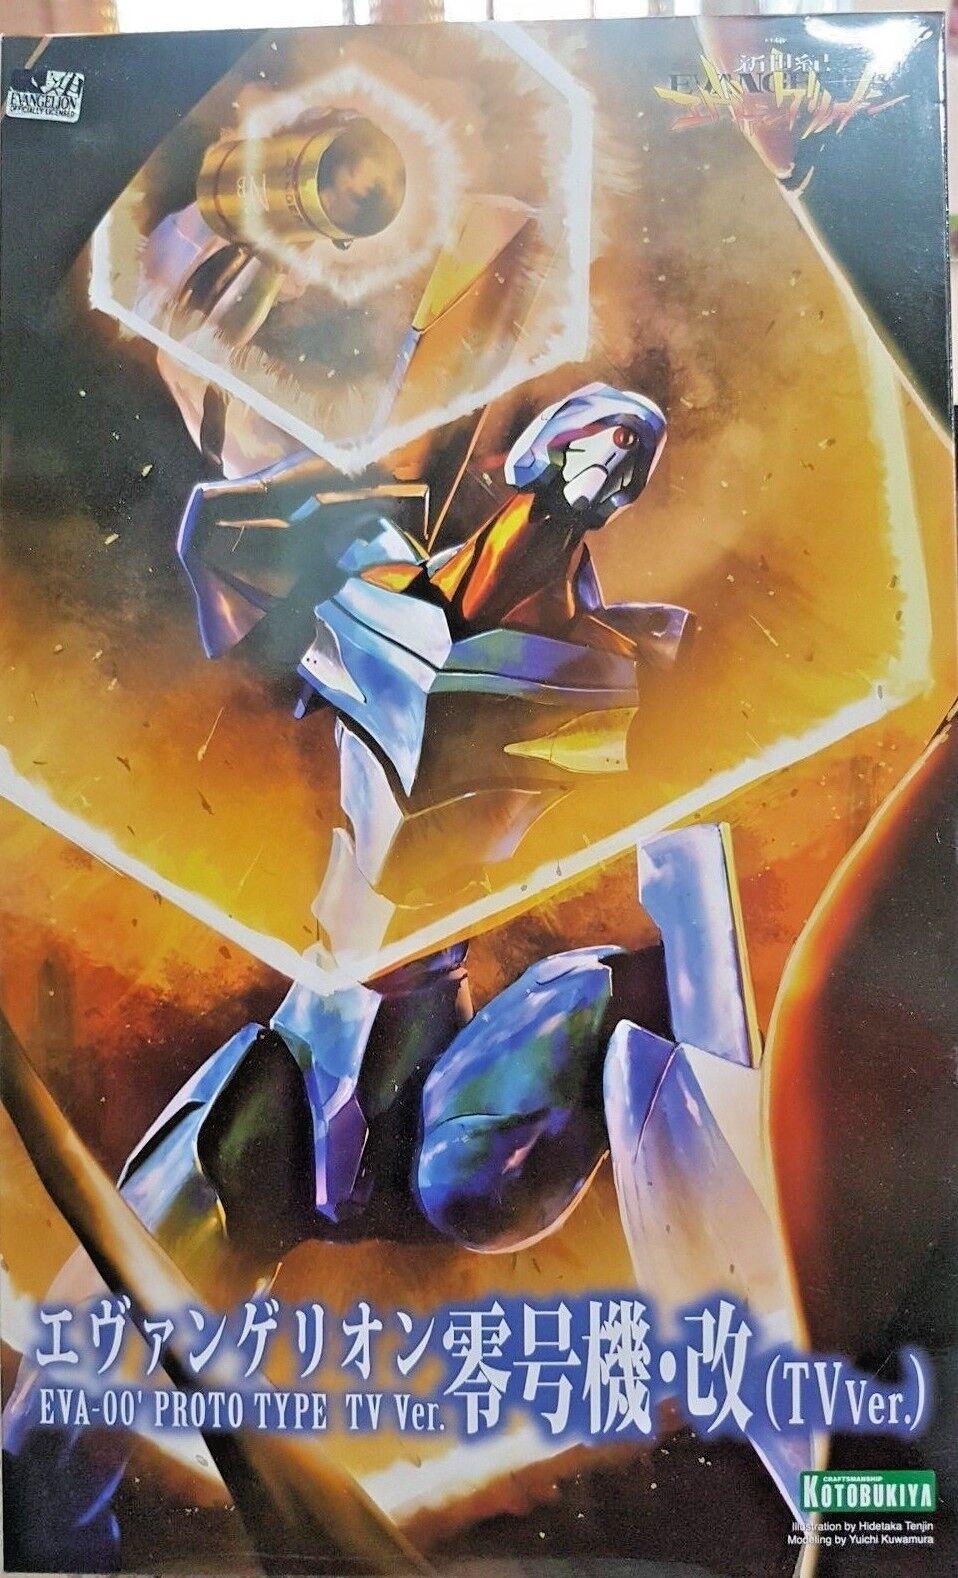 tienda de pescado para la venta EVA-00 Projoo Type Neon Genesis Evangelion TV Ver. Ver. Ver.  - Kotobukiya Kit 19cm  mas barato